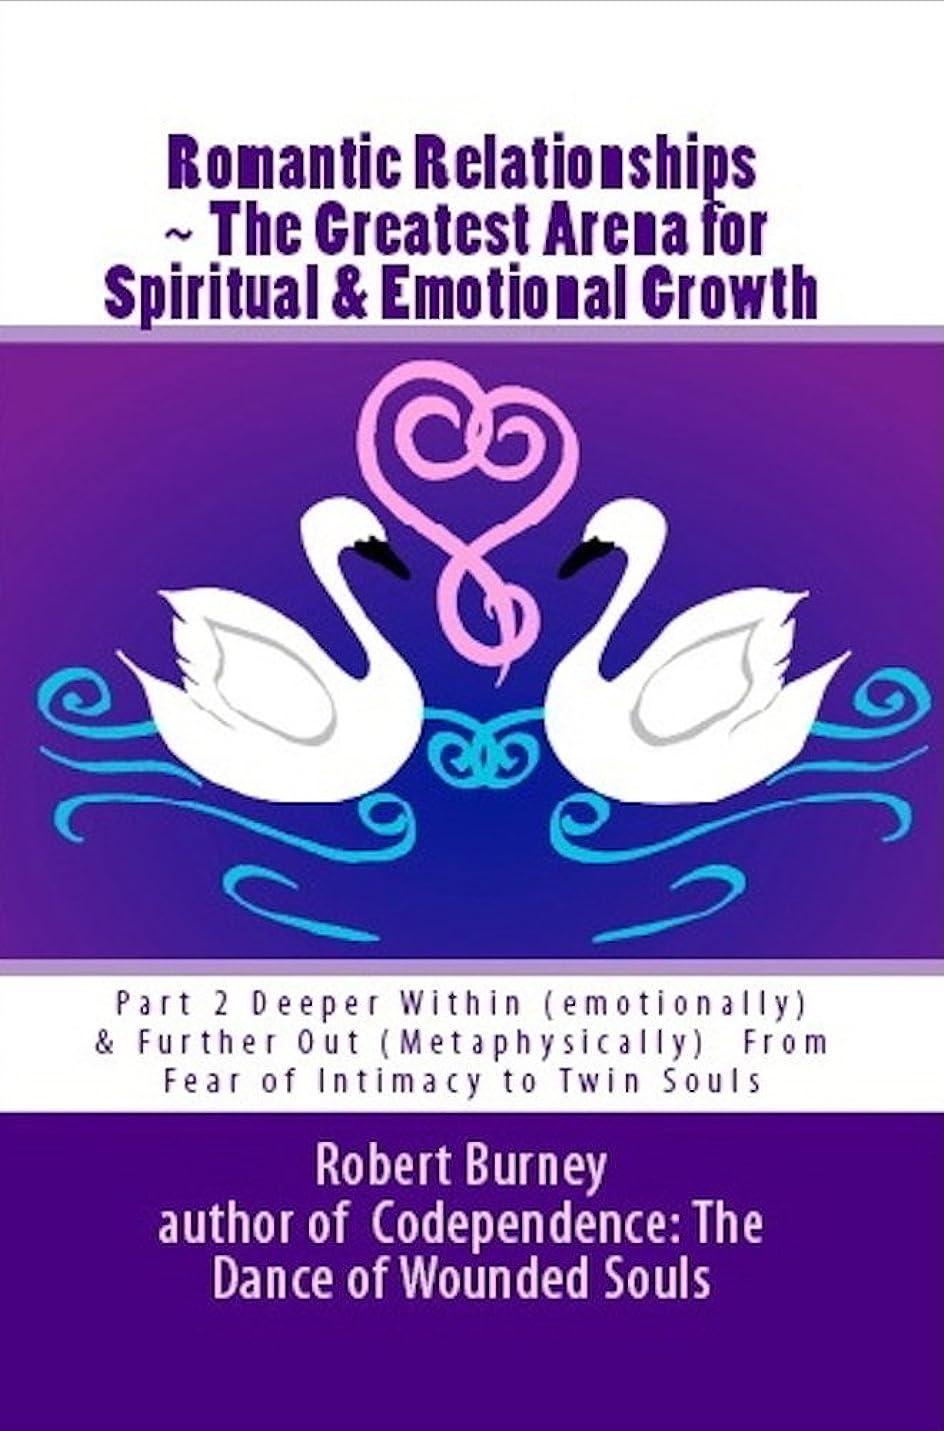 生む立ち向かうシビックRomantic Relationships  ~ The Greatest Arena for Spiritual & Emotional Growth eBook 2: Deeper Within (emotionally) & Further Out (metaphysically) From Fear of Intimacy to Twin Souls (English Edition)